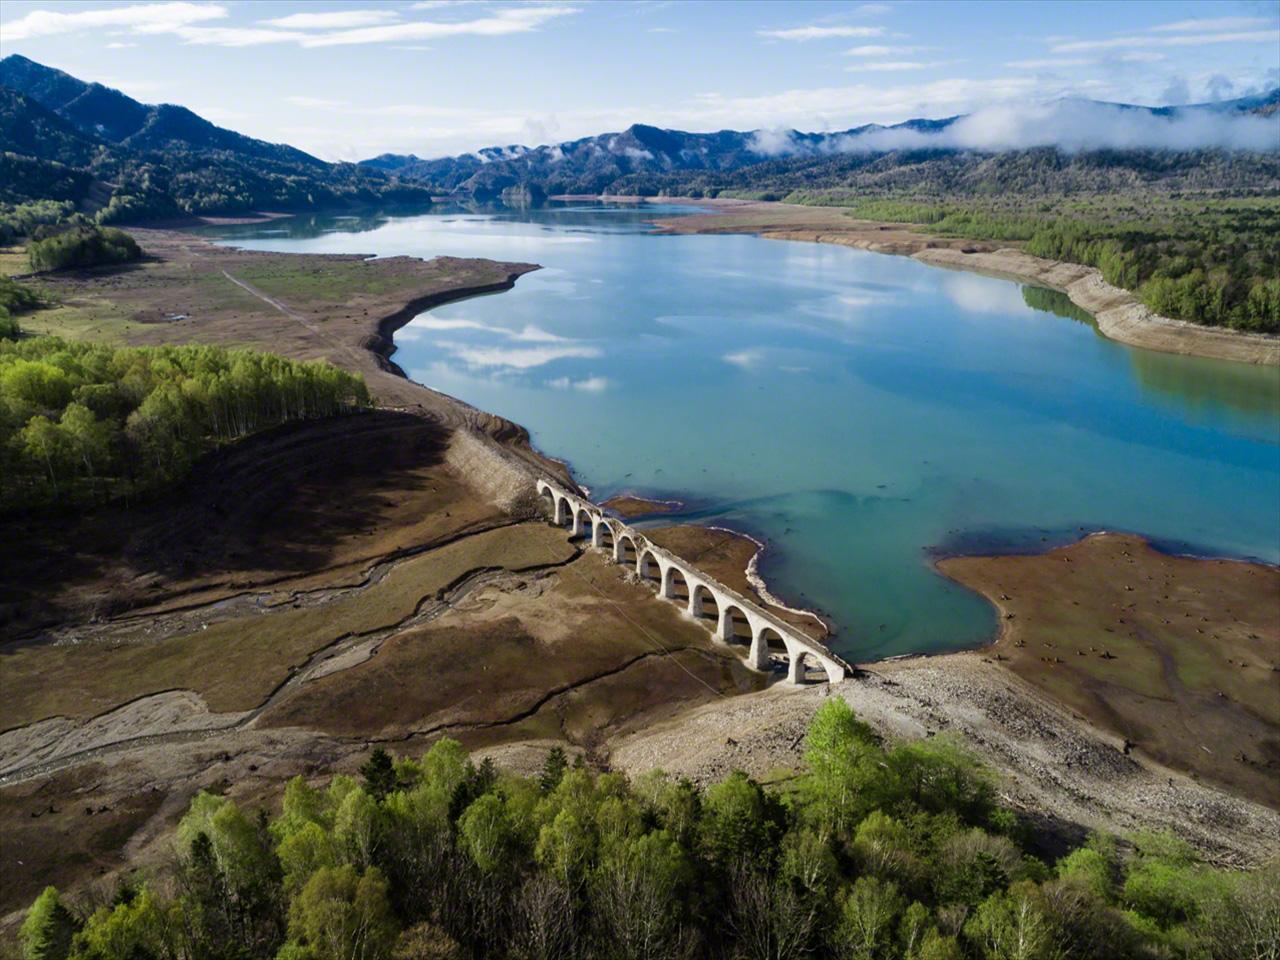 En mayo el paisaje se cubre de verde. La nieve derretida fluye hasta el lago y la superficie del agua se acerca a la base del puente.